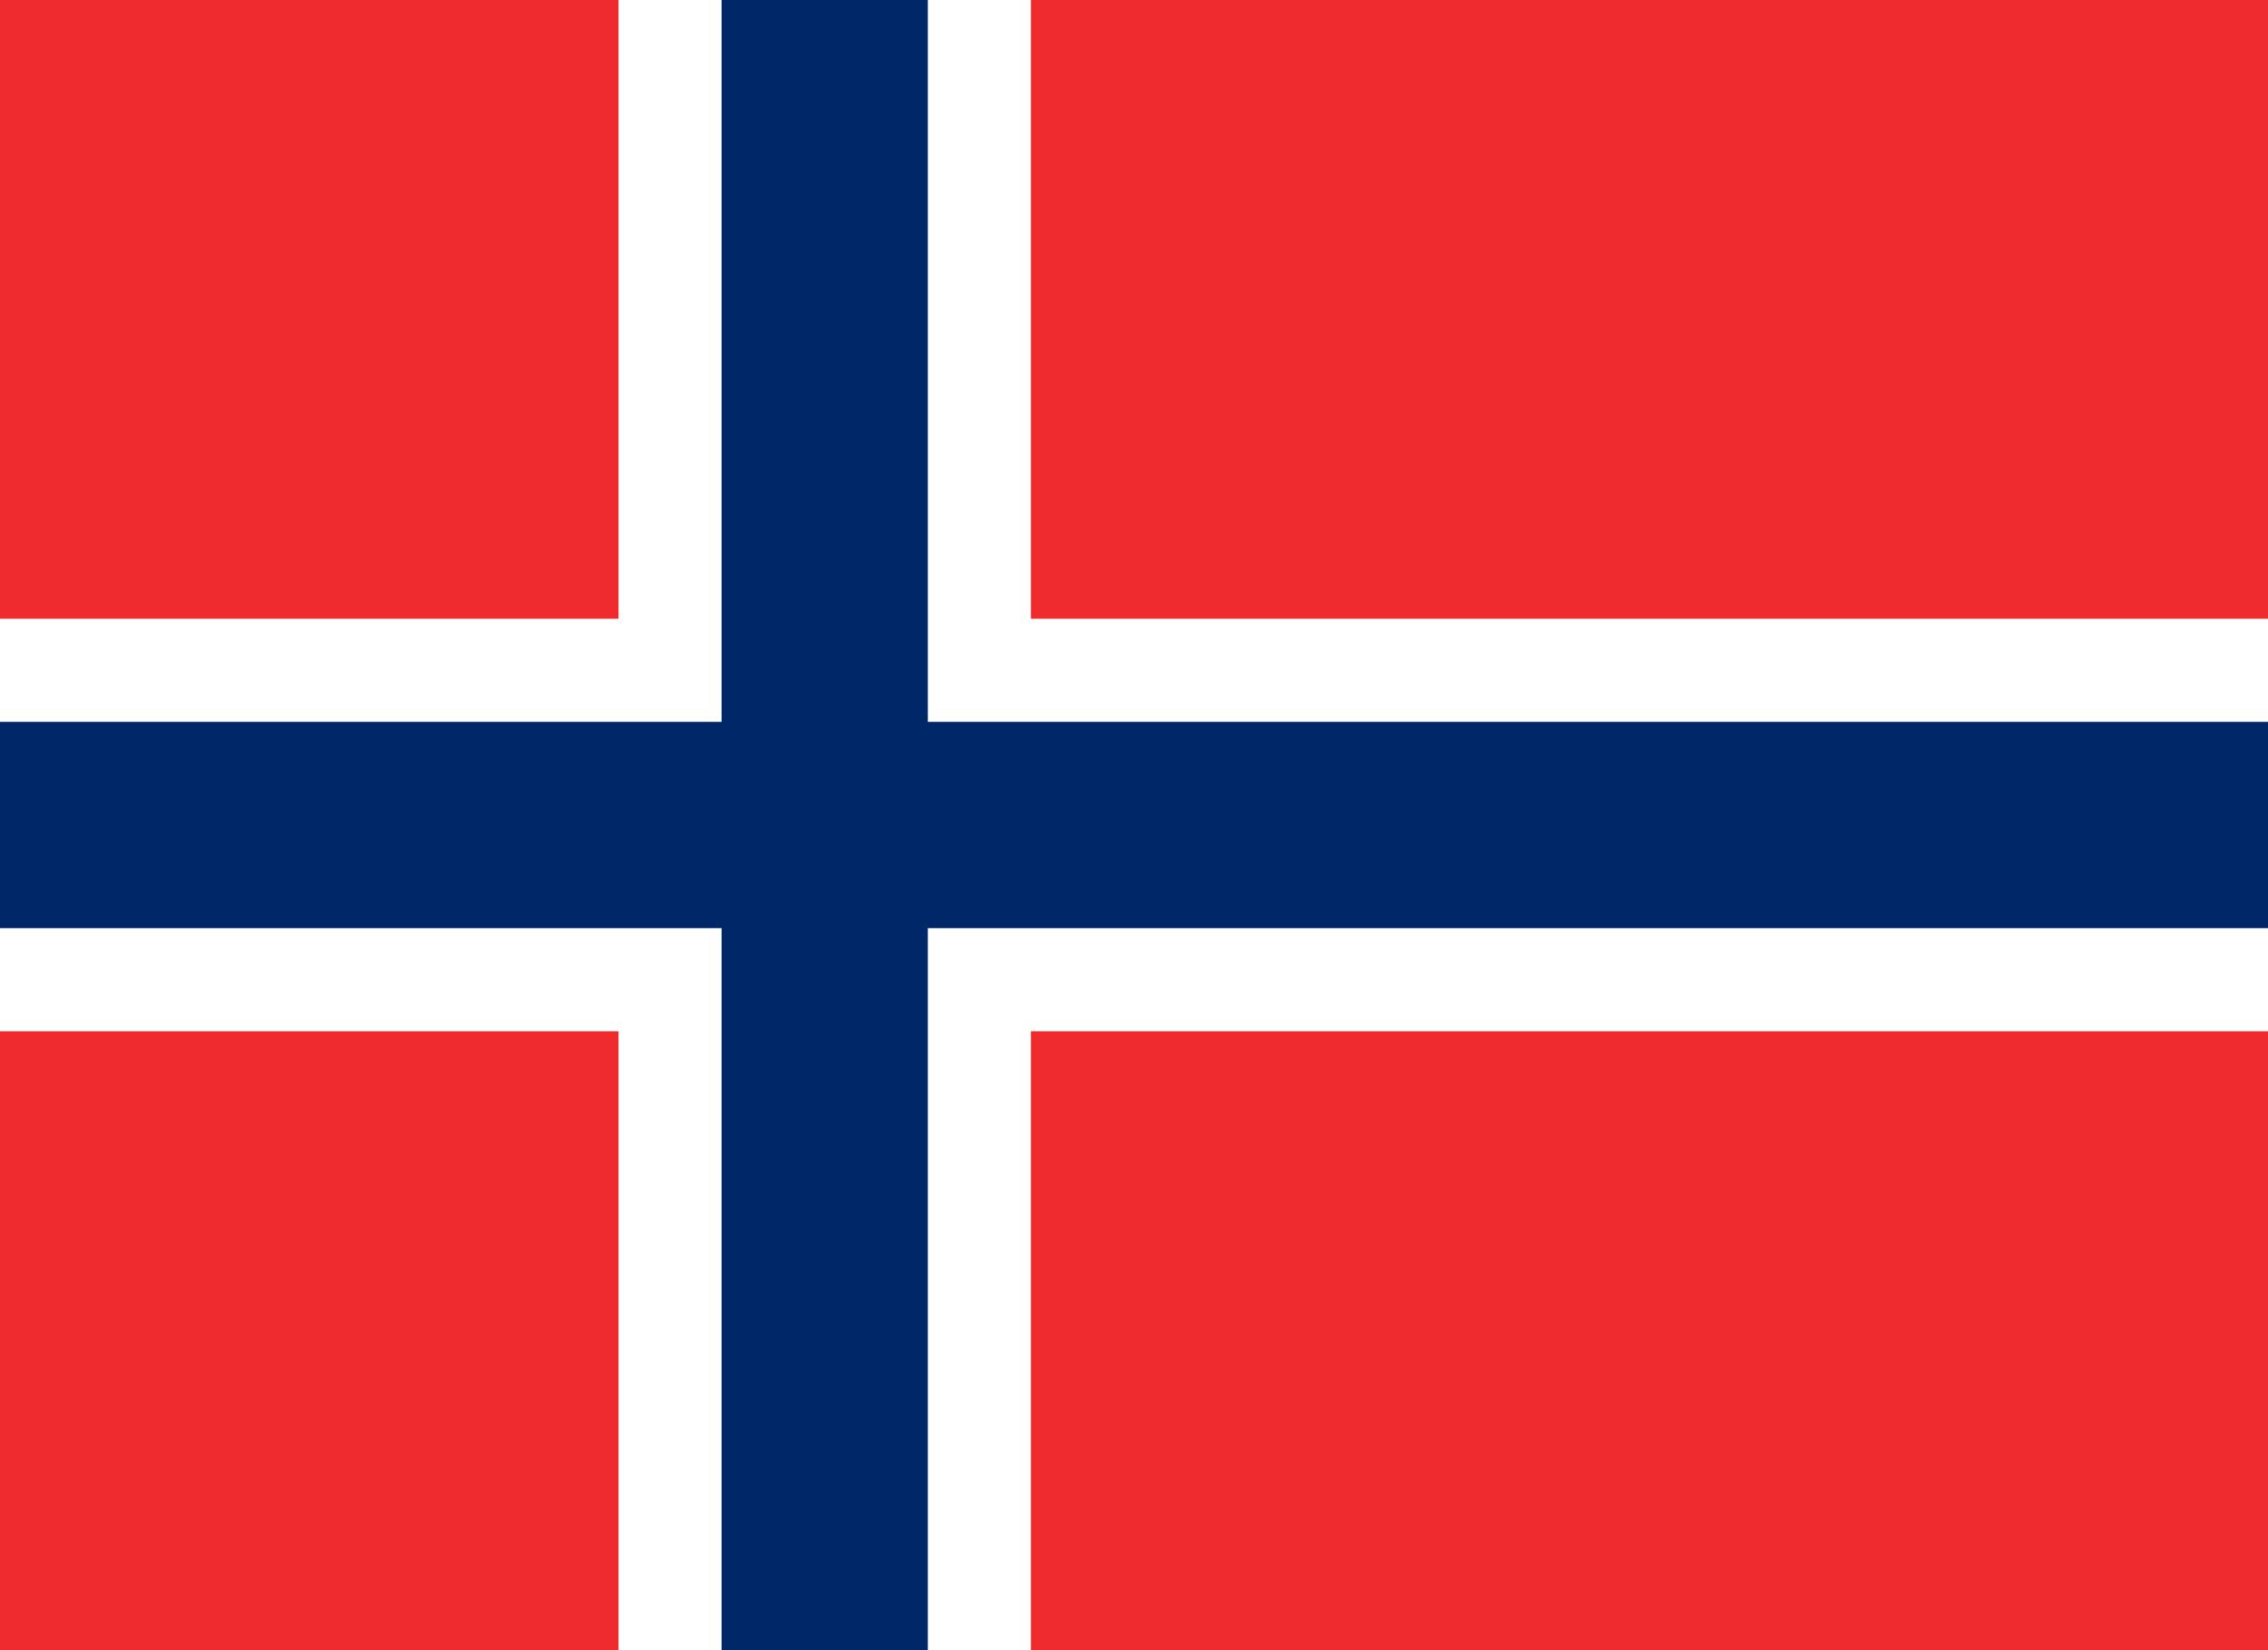 noruega, país, emblema, insignia, símbolo - Fondos de Pantalla HD - professor-falken.com